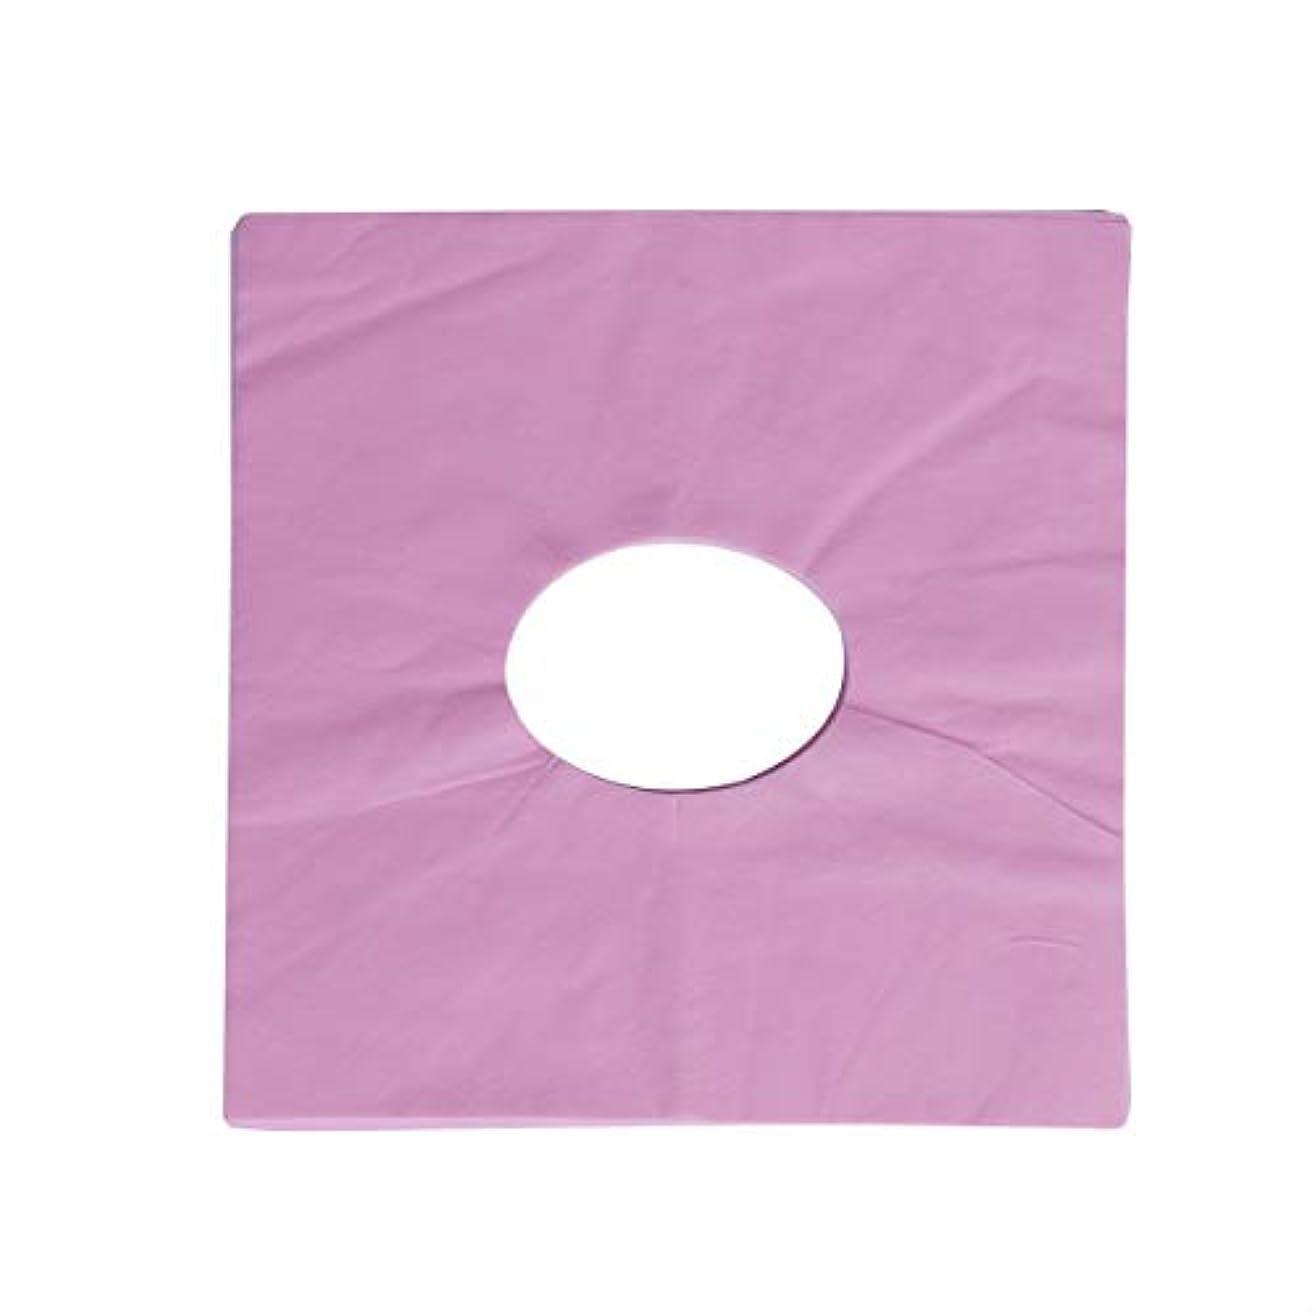 版空中発行SUPVOX 100ピース使い捨てマッサージフェイスクレードルカバーフェイスマッサージヘッドレストカバー用スパ美容院マッサージ(ピンク)